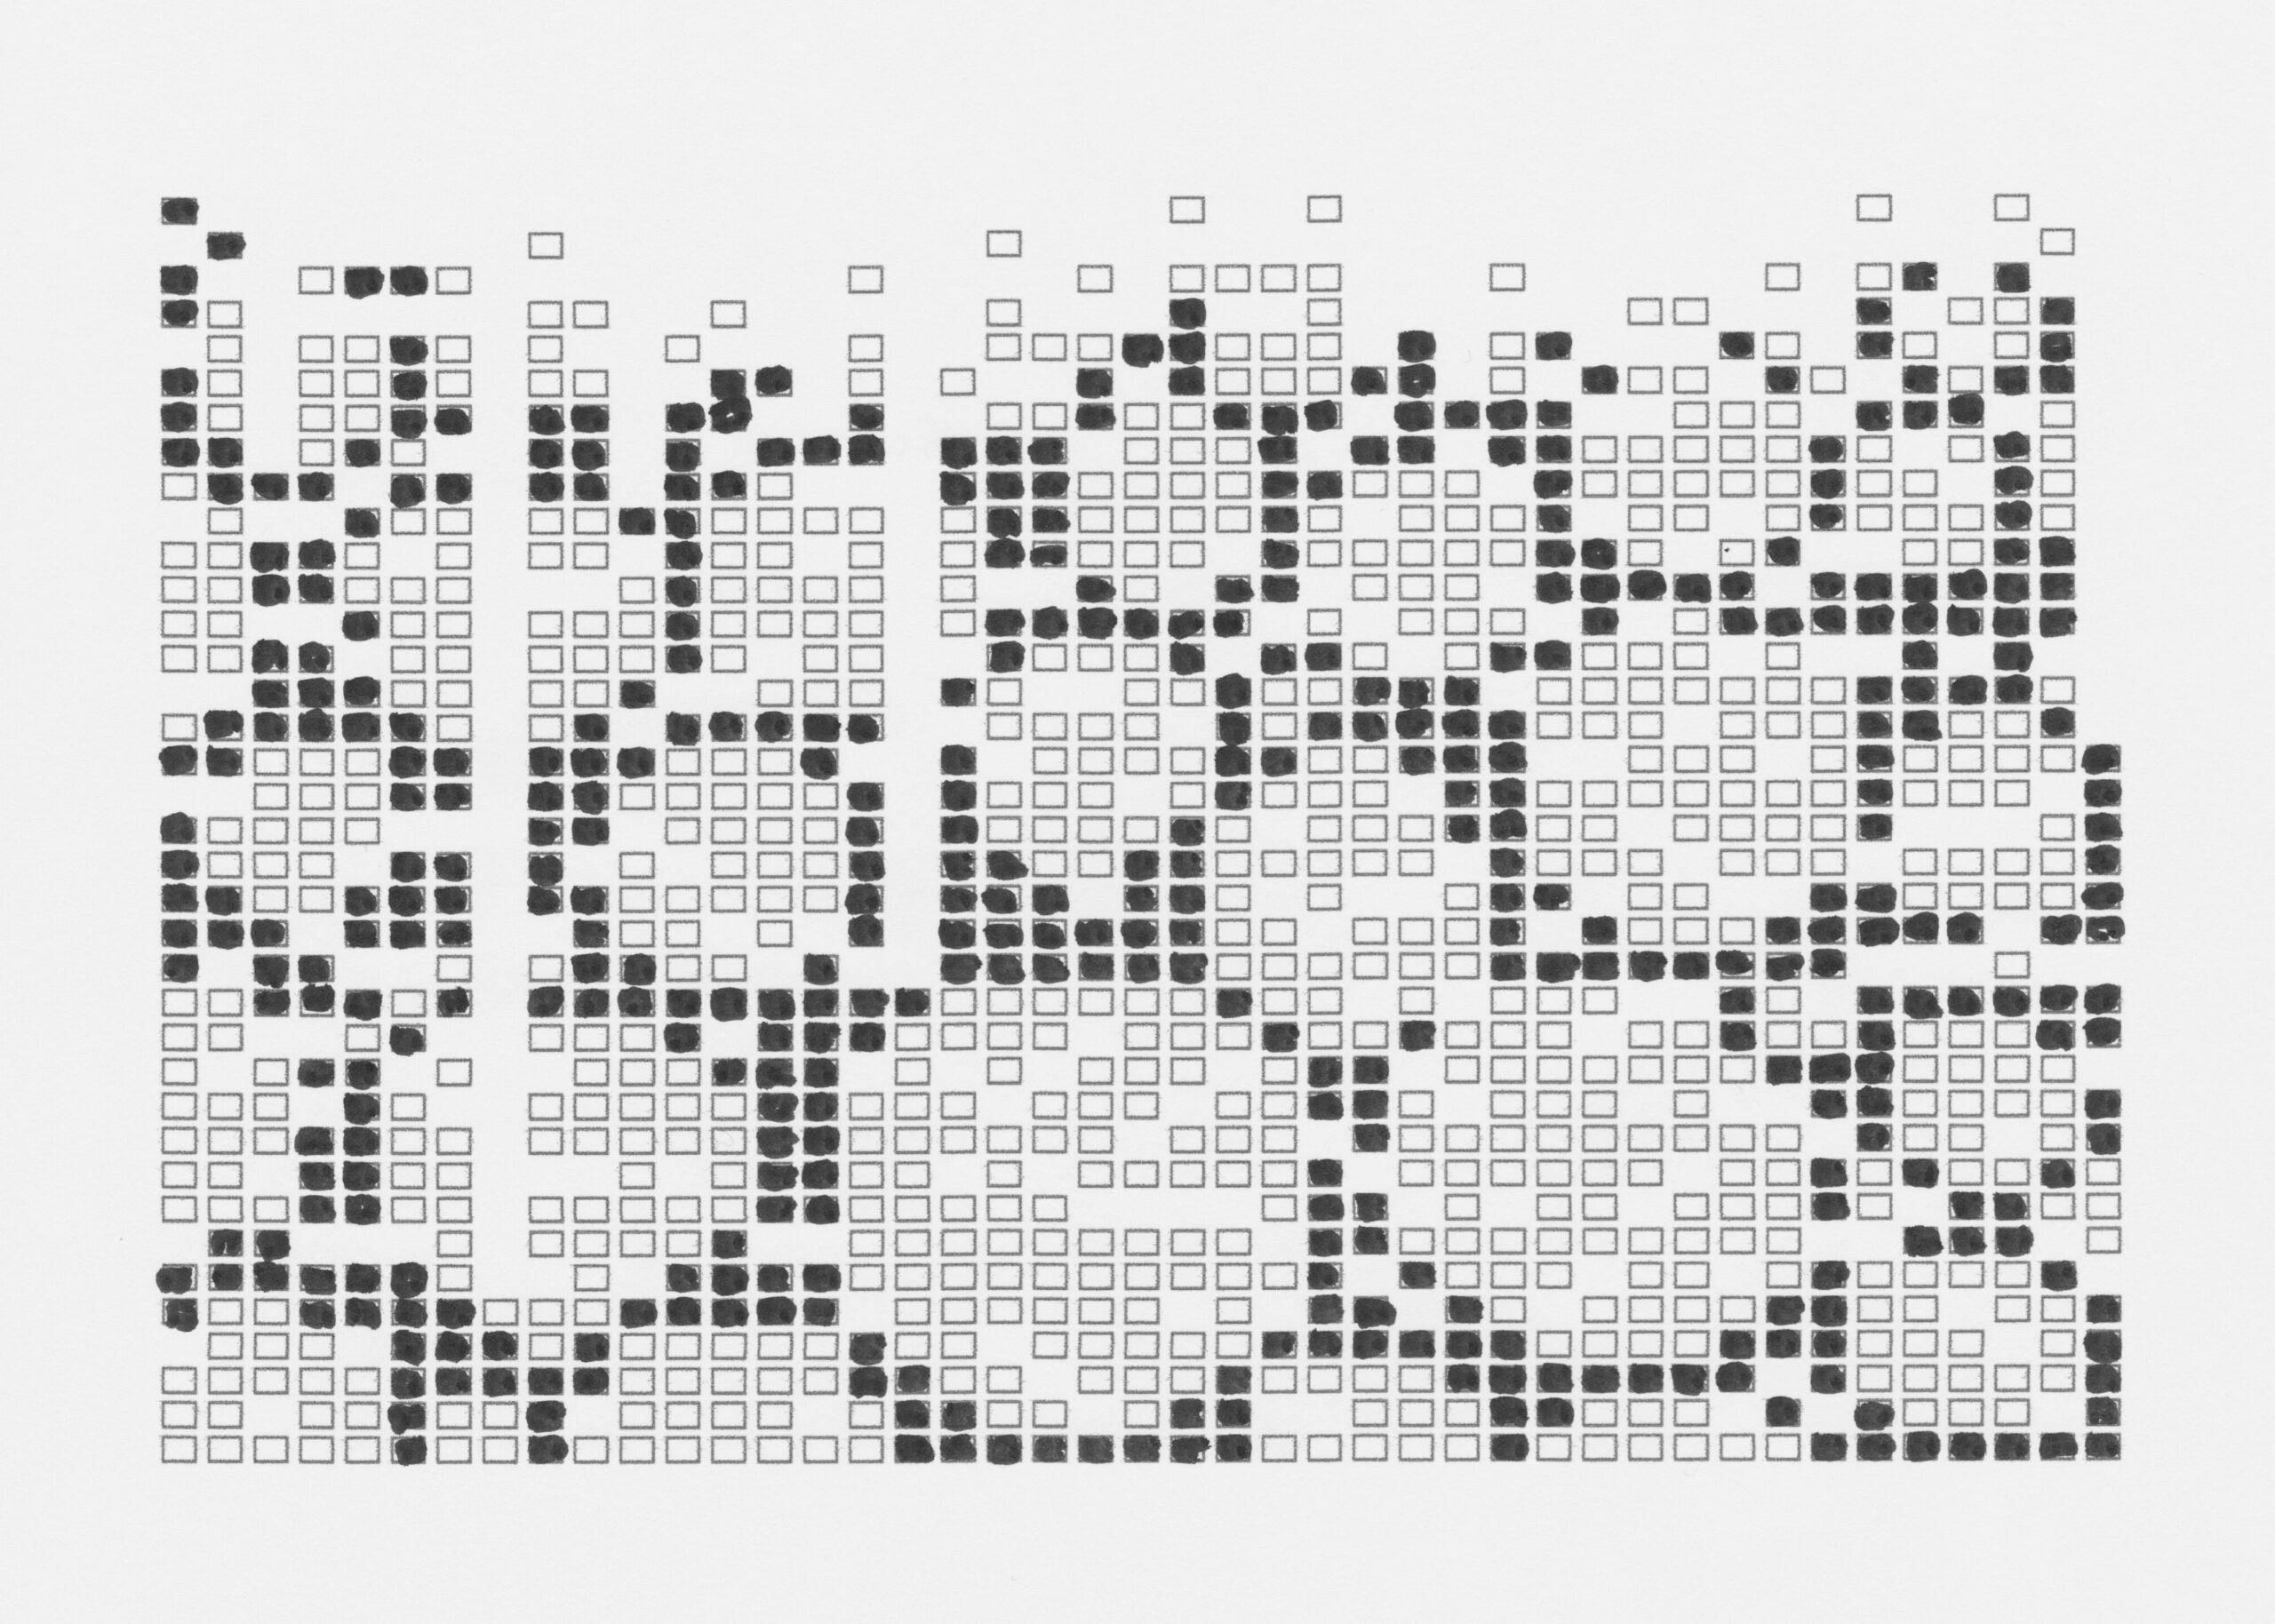 B_2020_04_23_scans_total_morseknittingScan